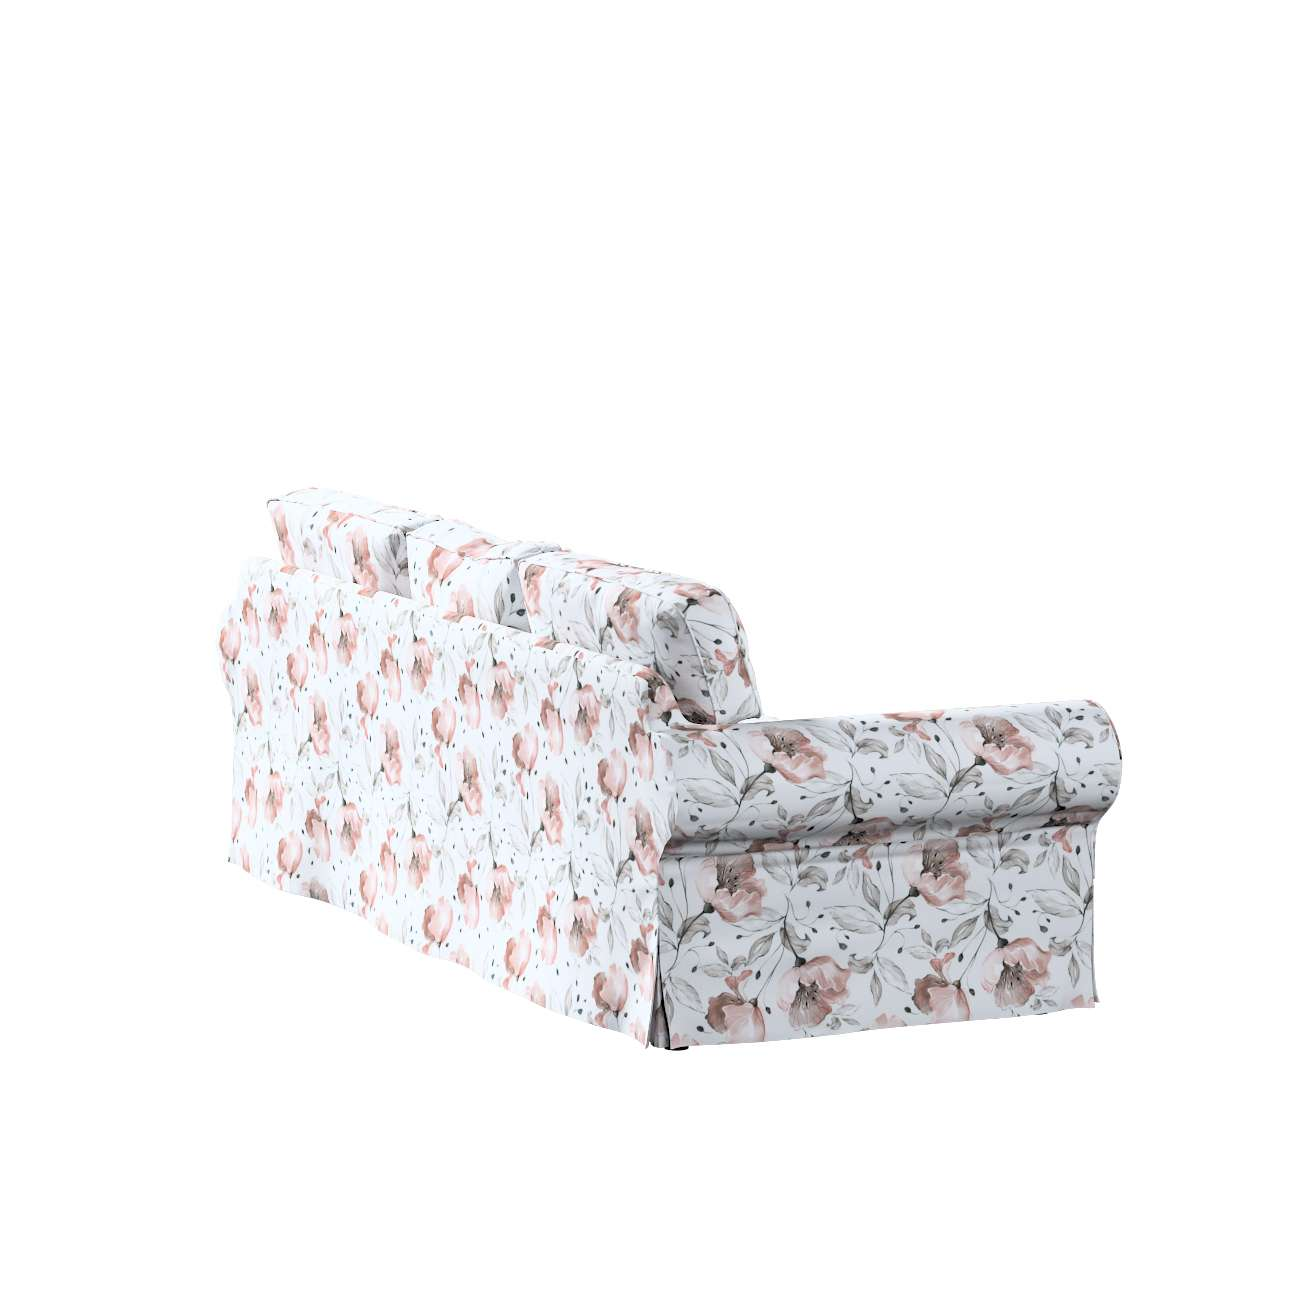 Pokrowiec na sofę Ektorp 3-osobową, rozkładaną, PIXBO w kolekcji Velvet, tkanina: 704-50